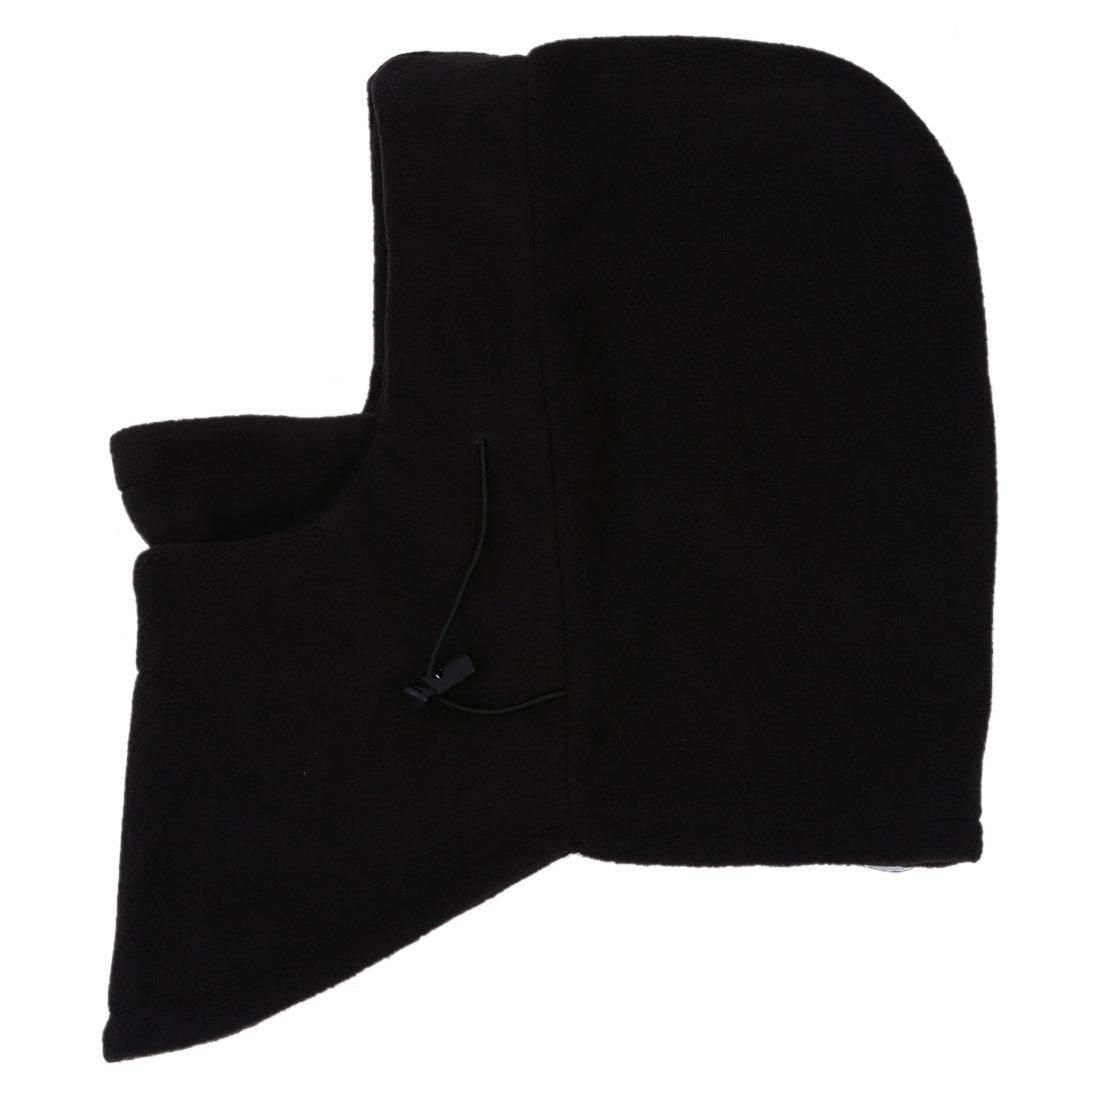 Amazon.com: TOOGOO (R) máscara térmica de forro polar para ...